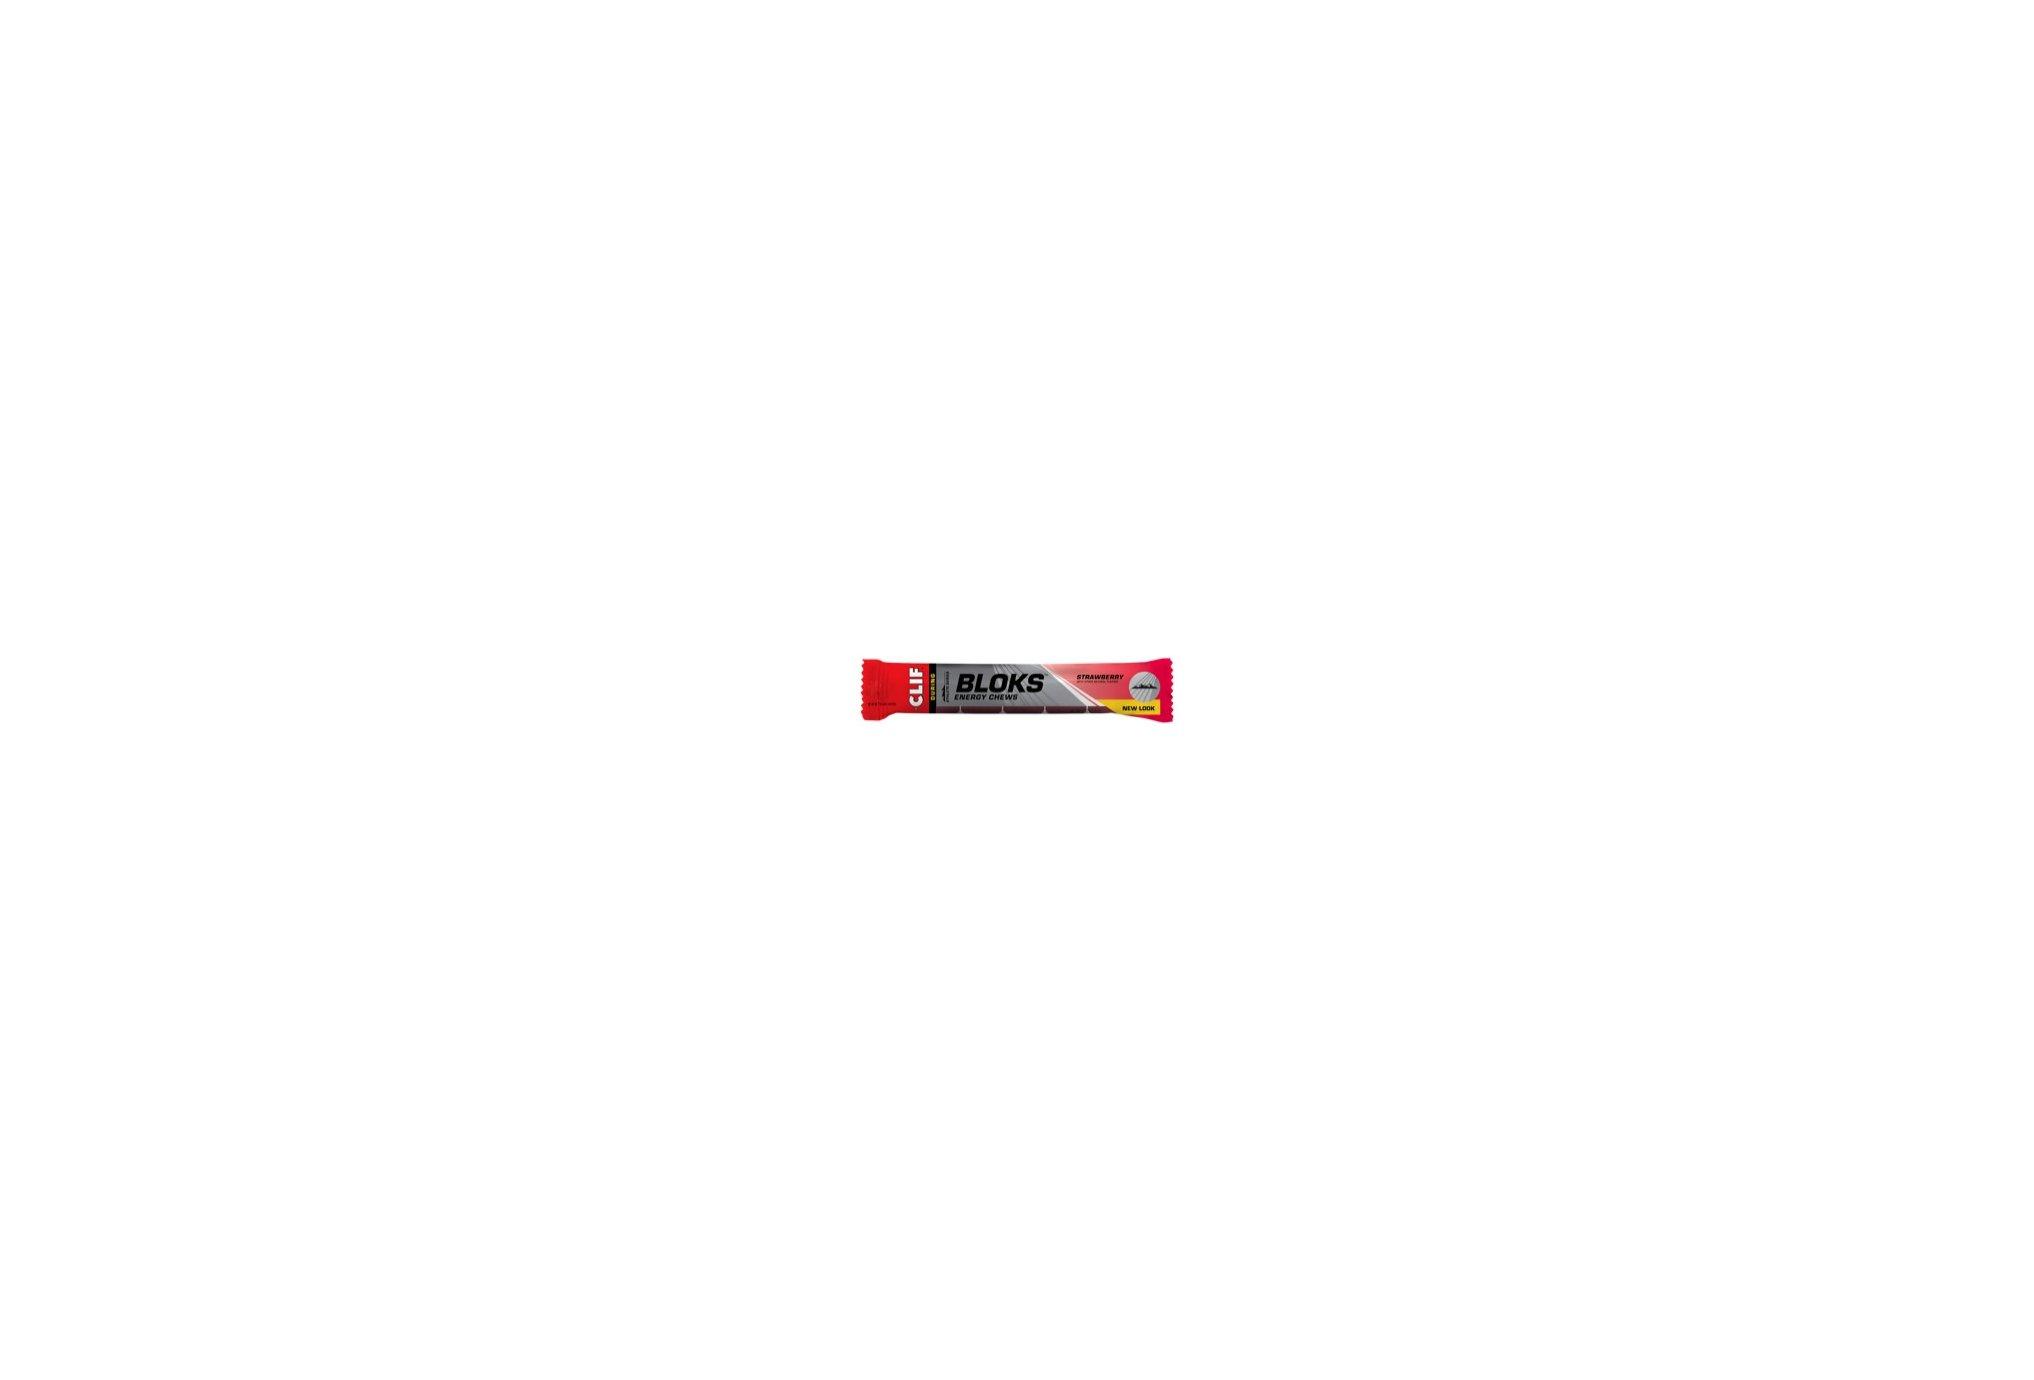 Clif Shot Bloks - Stawberry Diététique Barres